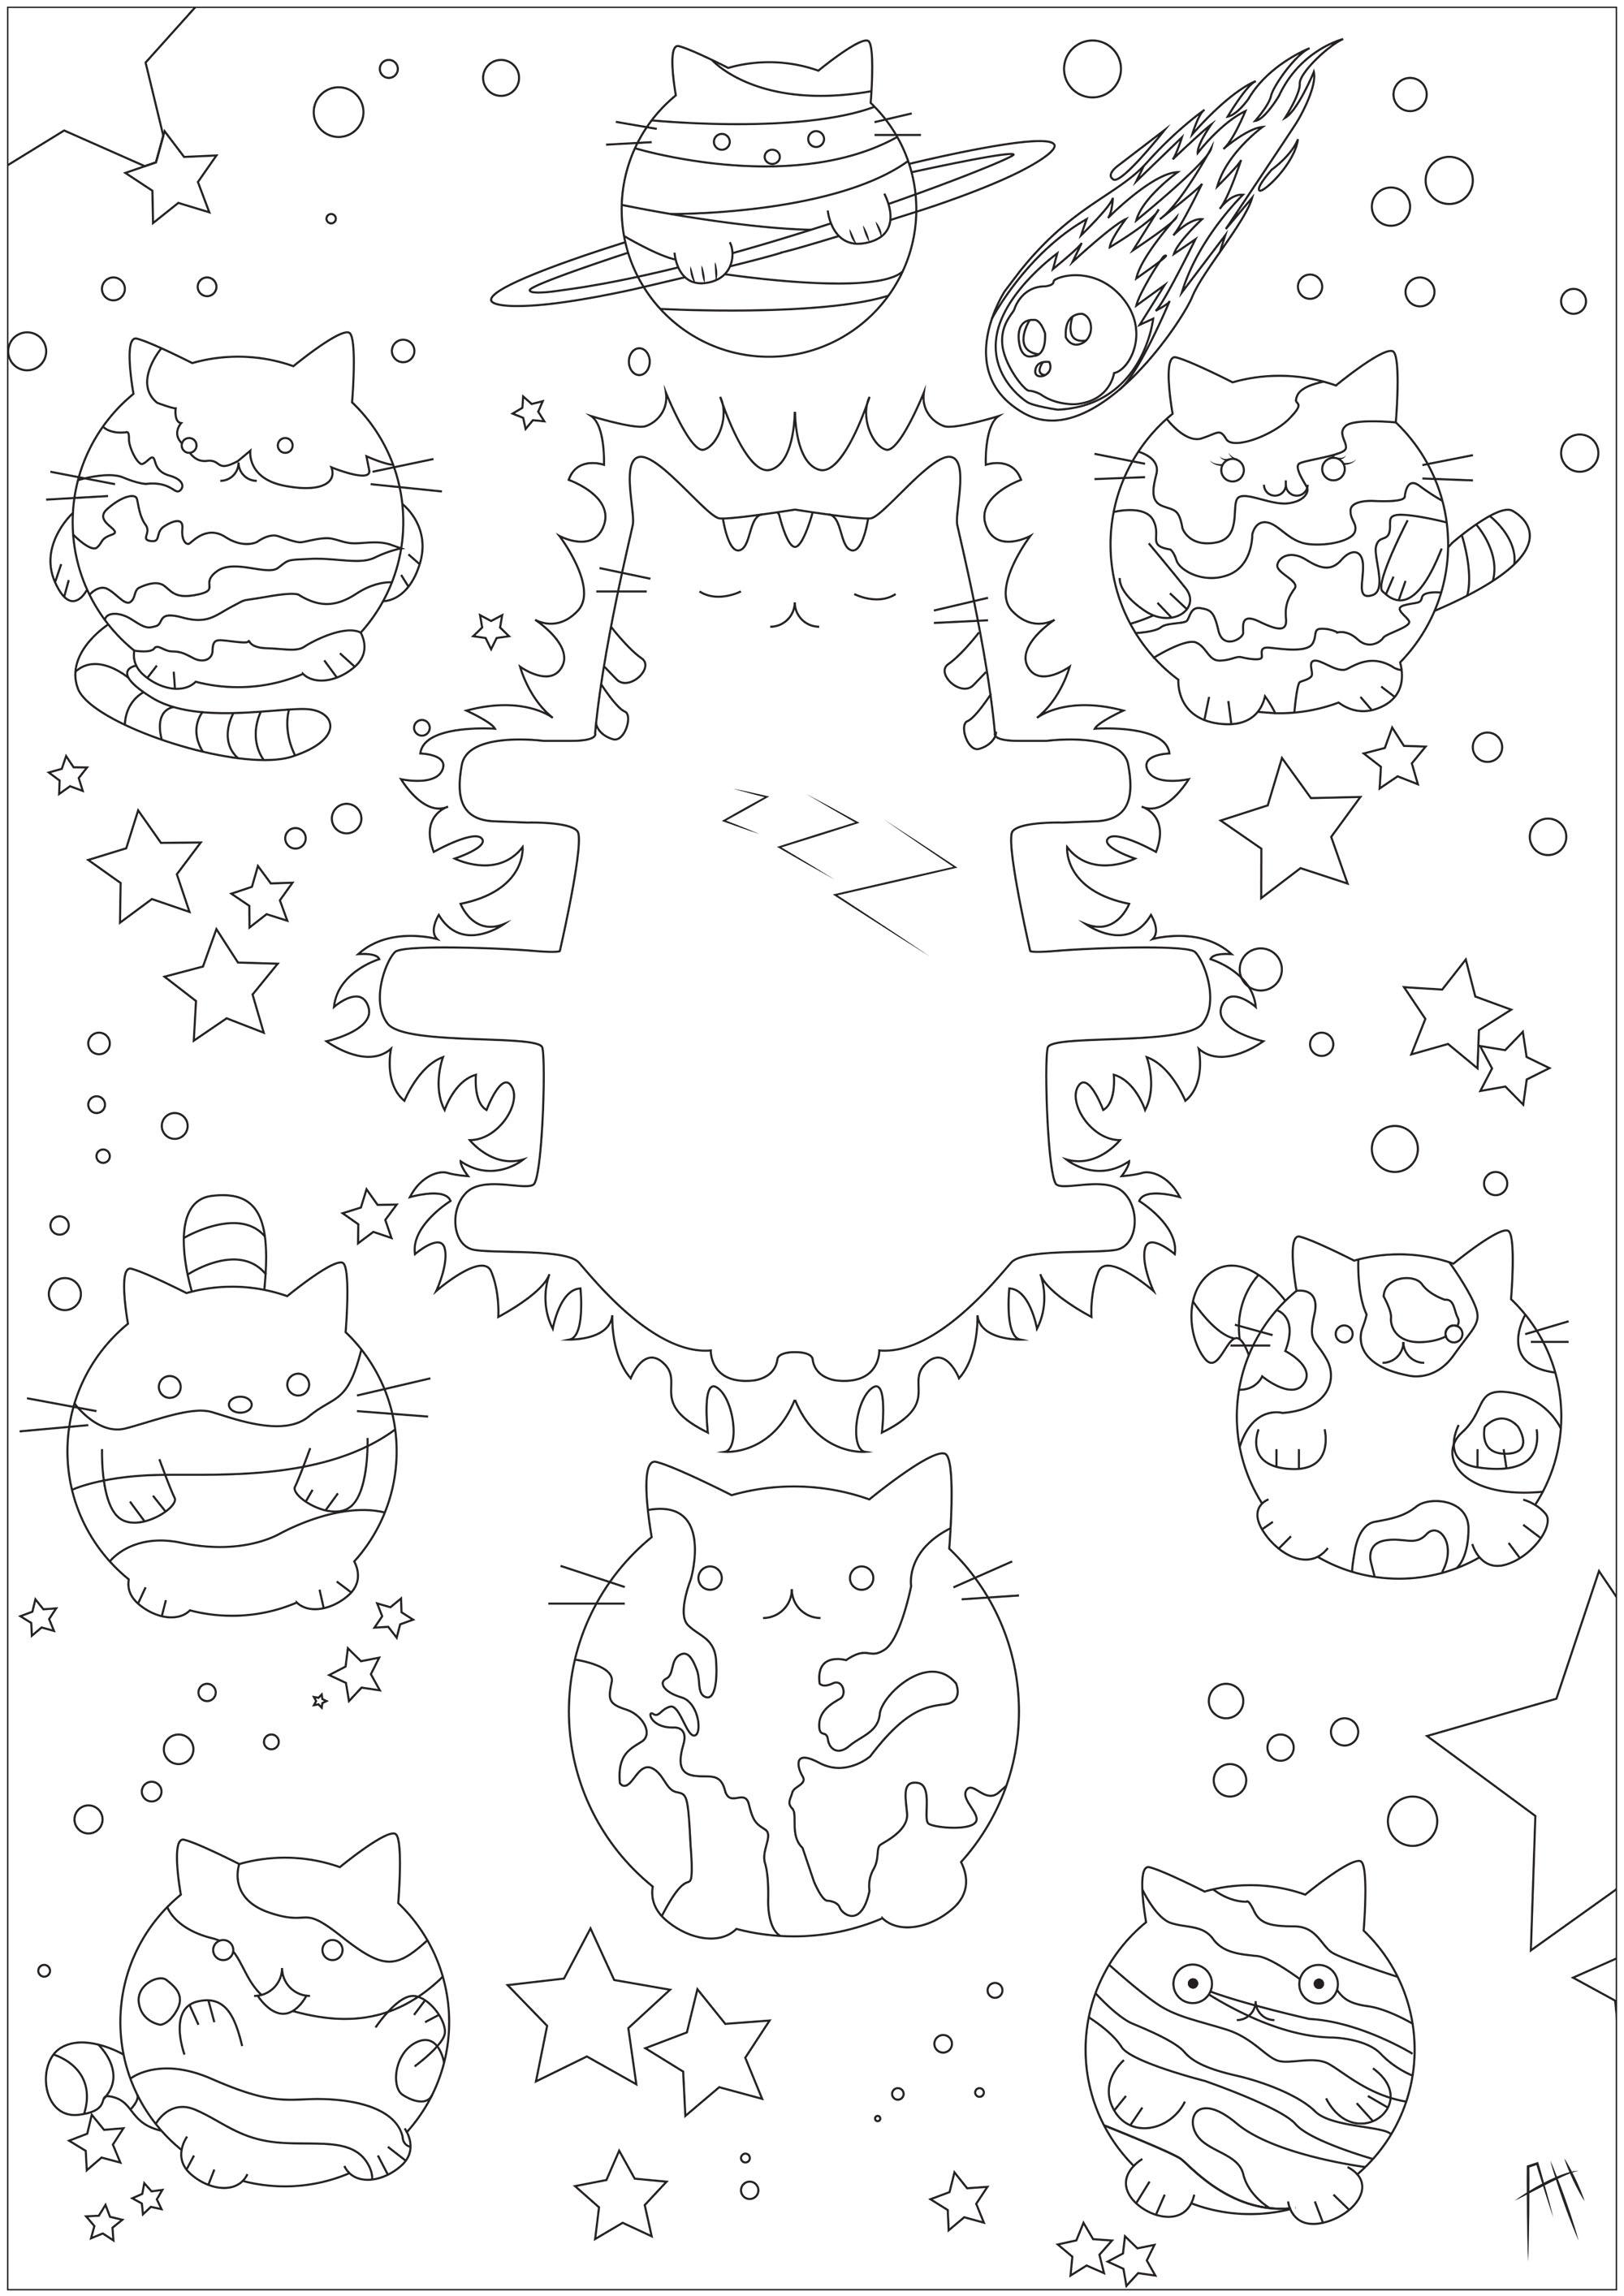 Colorear para Adultos : Doodle art / Doodling - 4